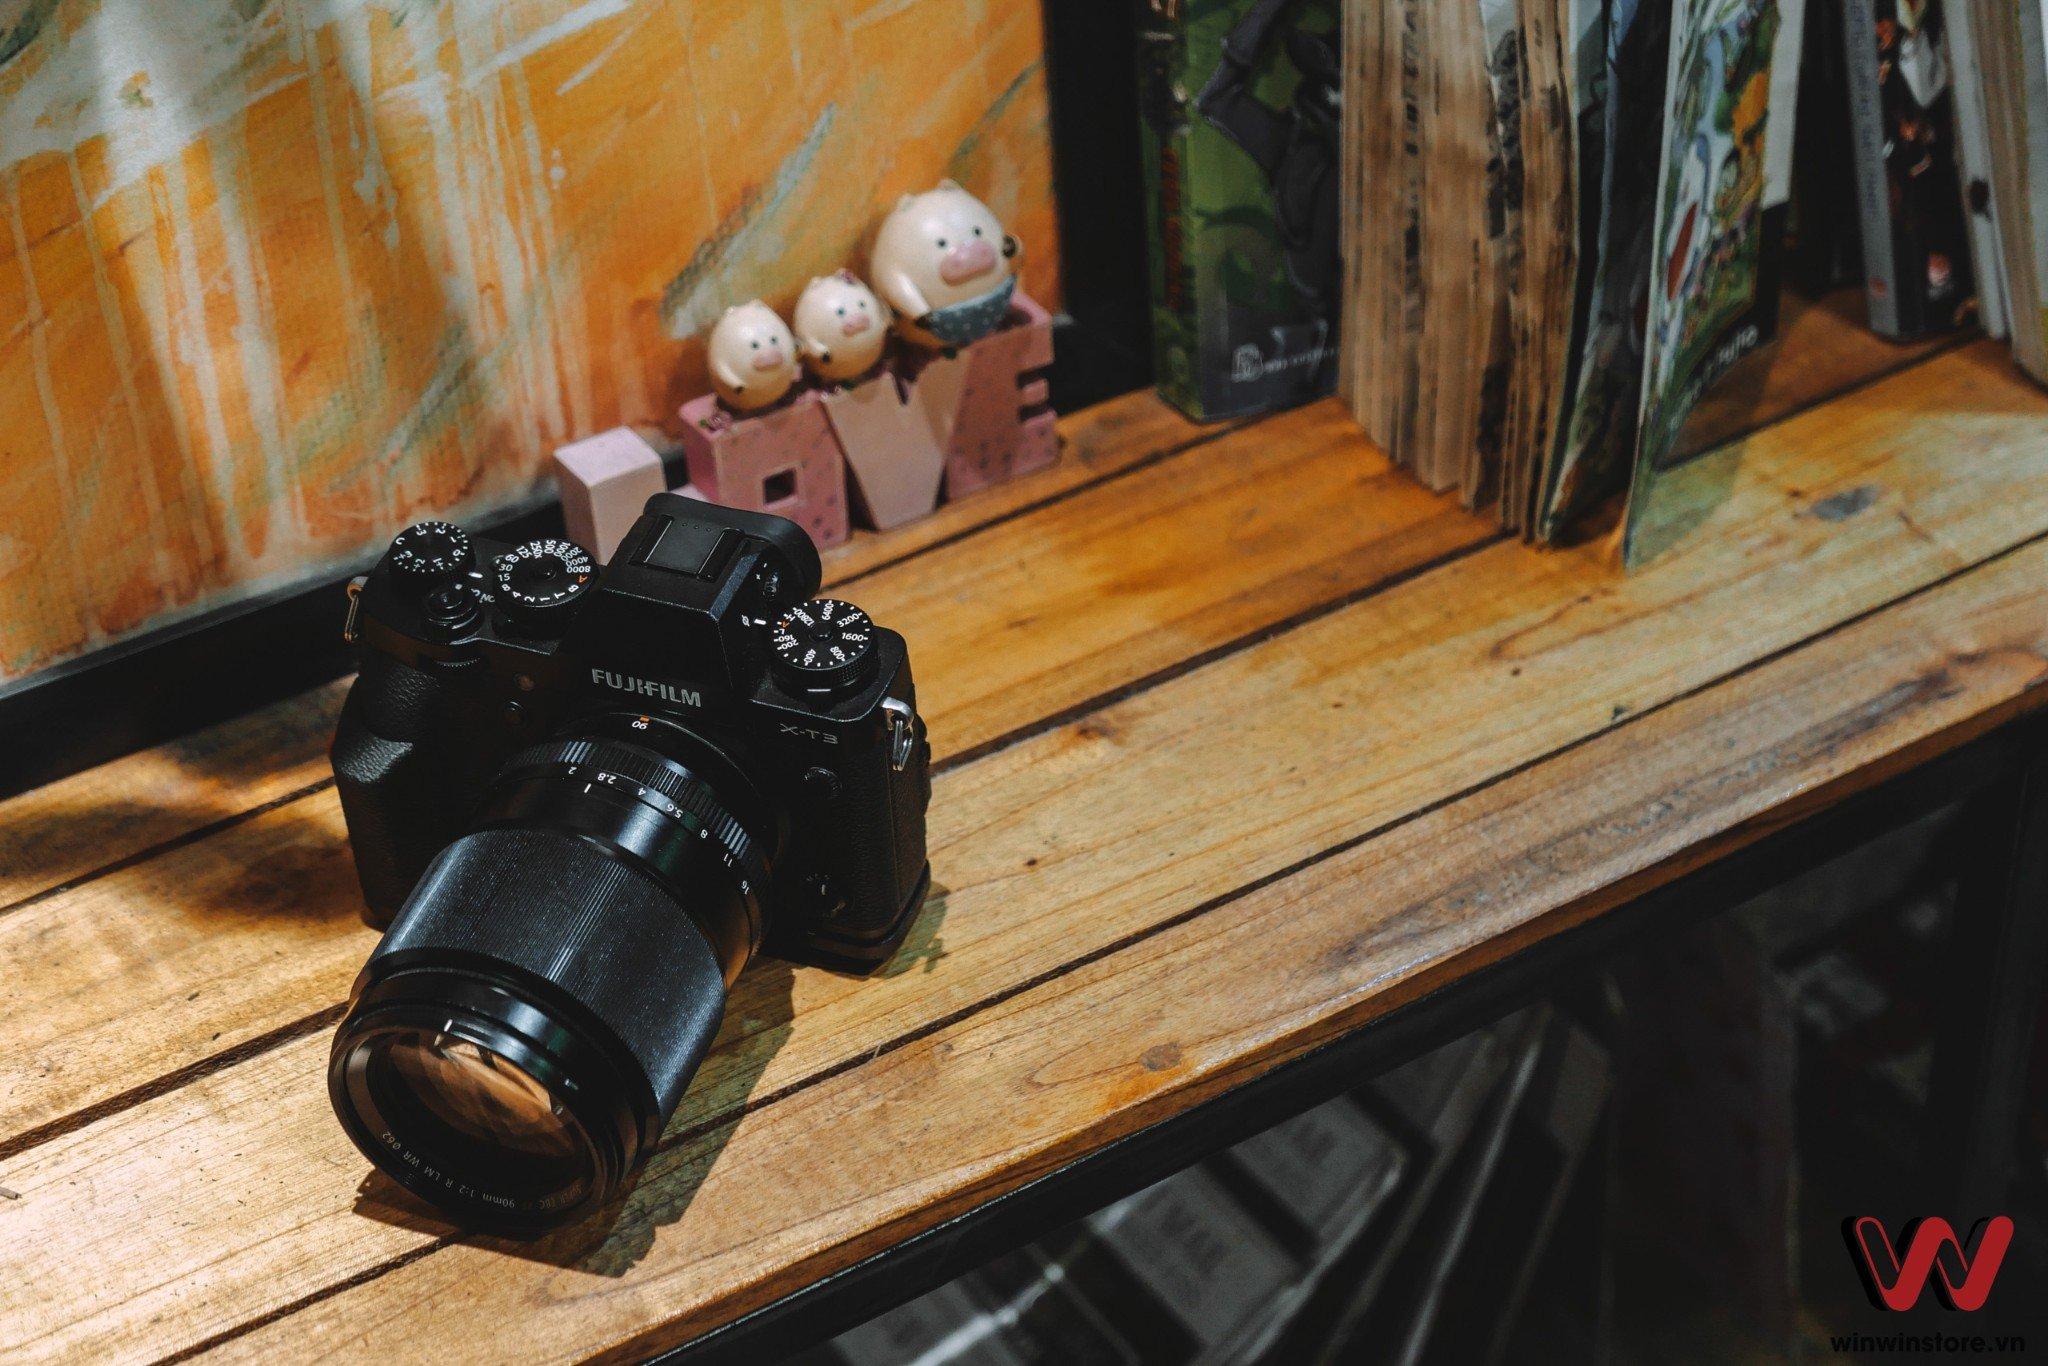 Top ba ống kính chân dung dành cho máy ảnh Fujifilm – WinWin Store